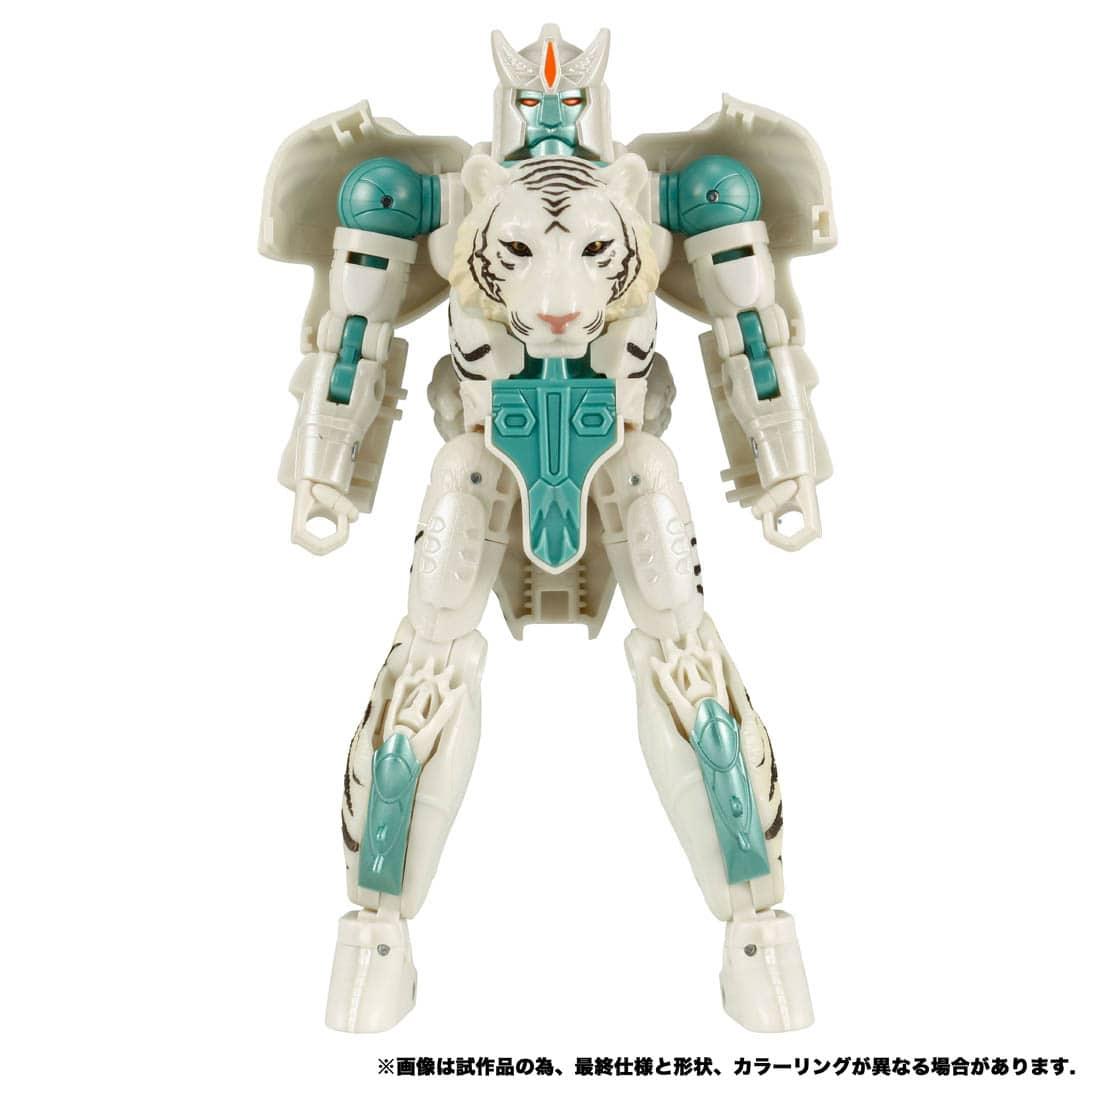 トランスフォーマー キングダム『KD-14 タイガトロン』可変可動フィギュア-004